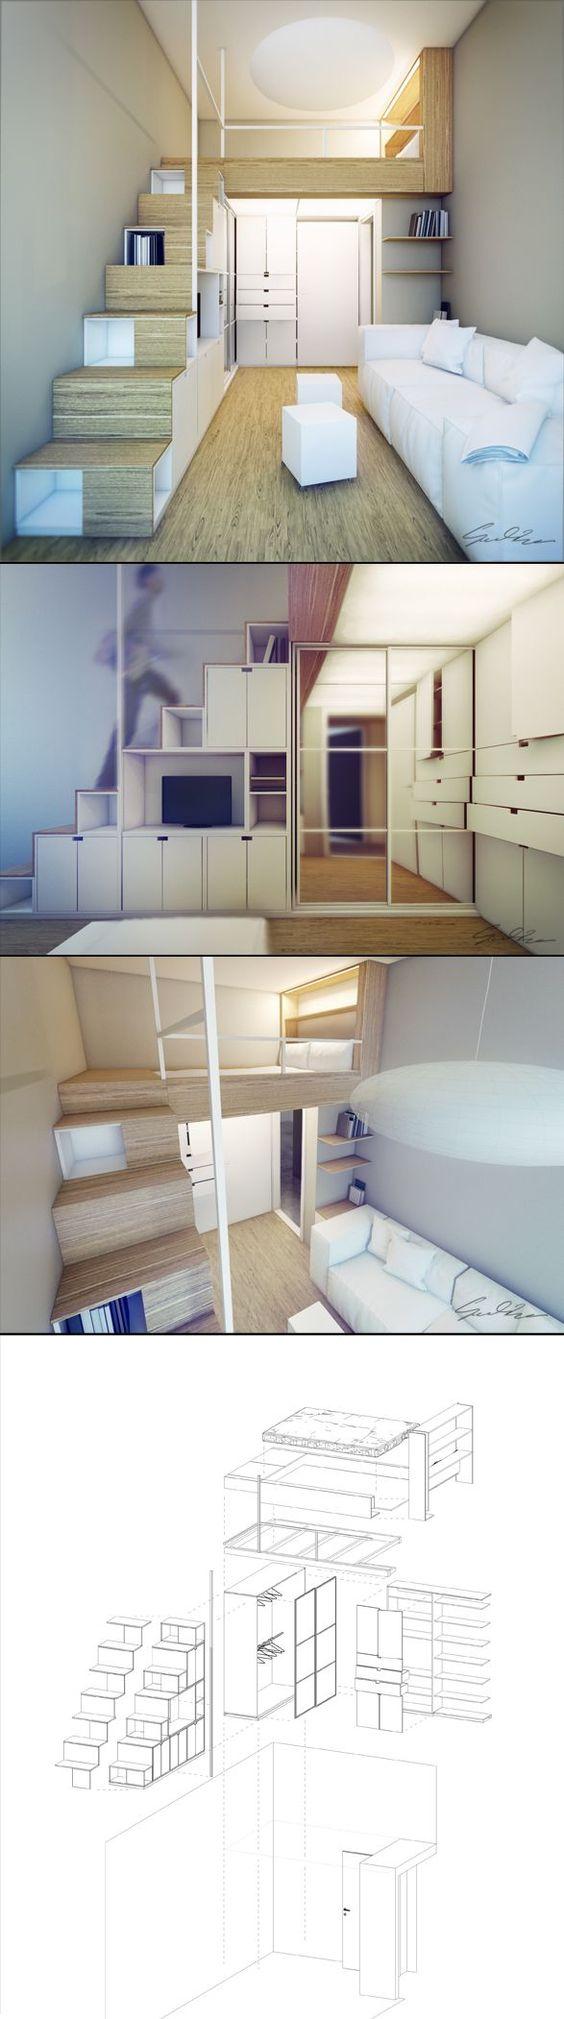 Mezzanine pour chambre c t rue rangement sous dans - Bureau sous escalier ...